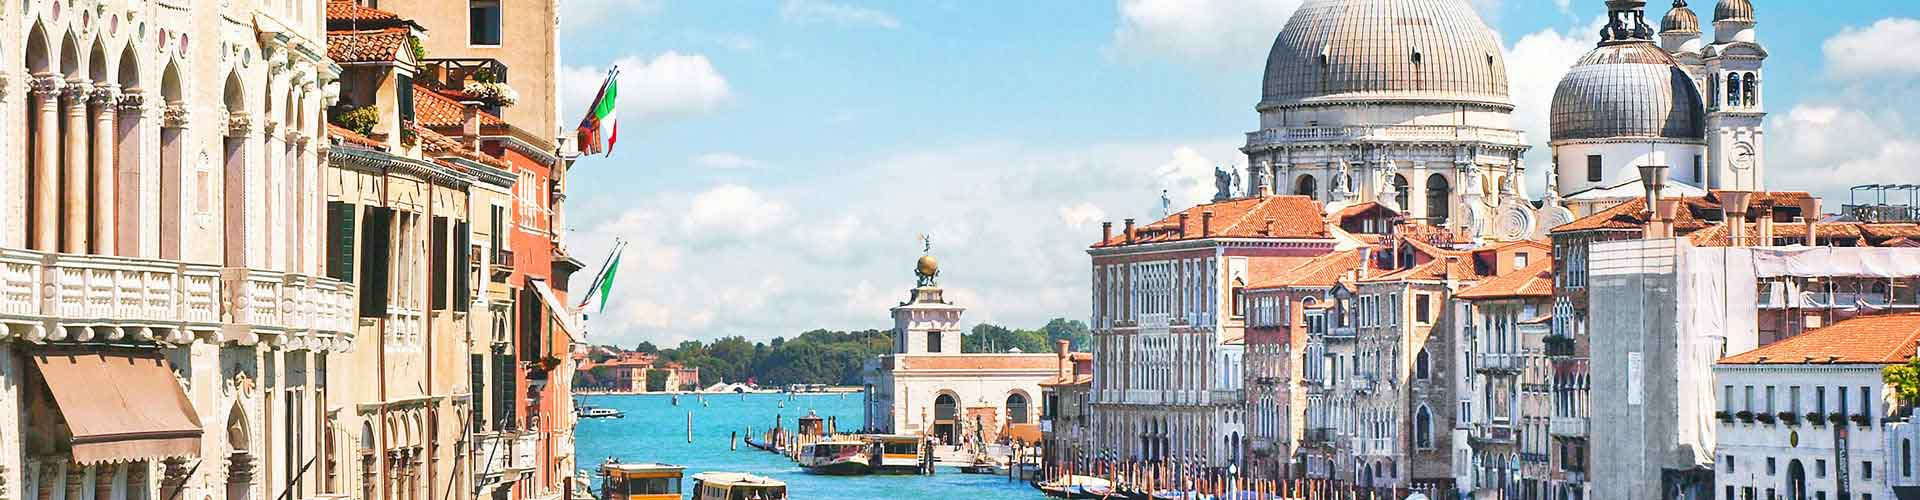 Venise - Camping dans le quartier de Sestiere San Polo. Cartes pour Venise, photos et commentaires pour chaque camping à Venise.